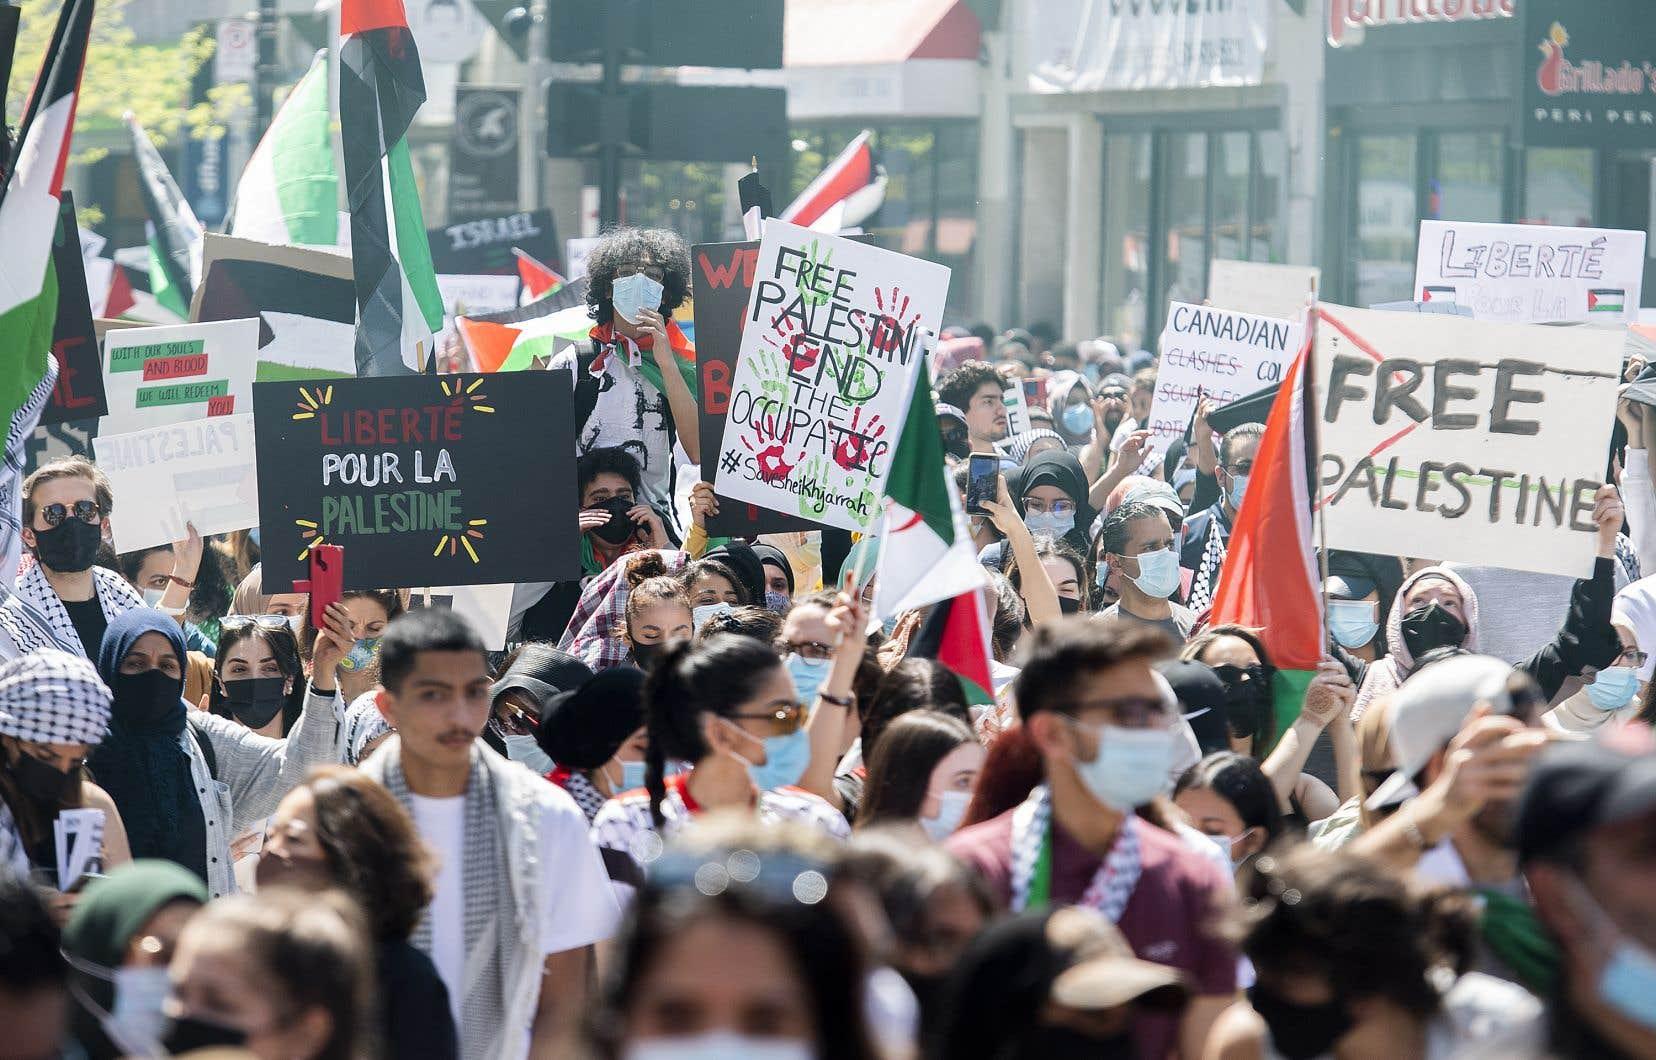 Les manifestants ont été invités à converger devant le consulat général israélien, dans Westmount, en après-midi.